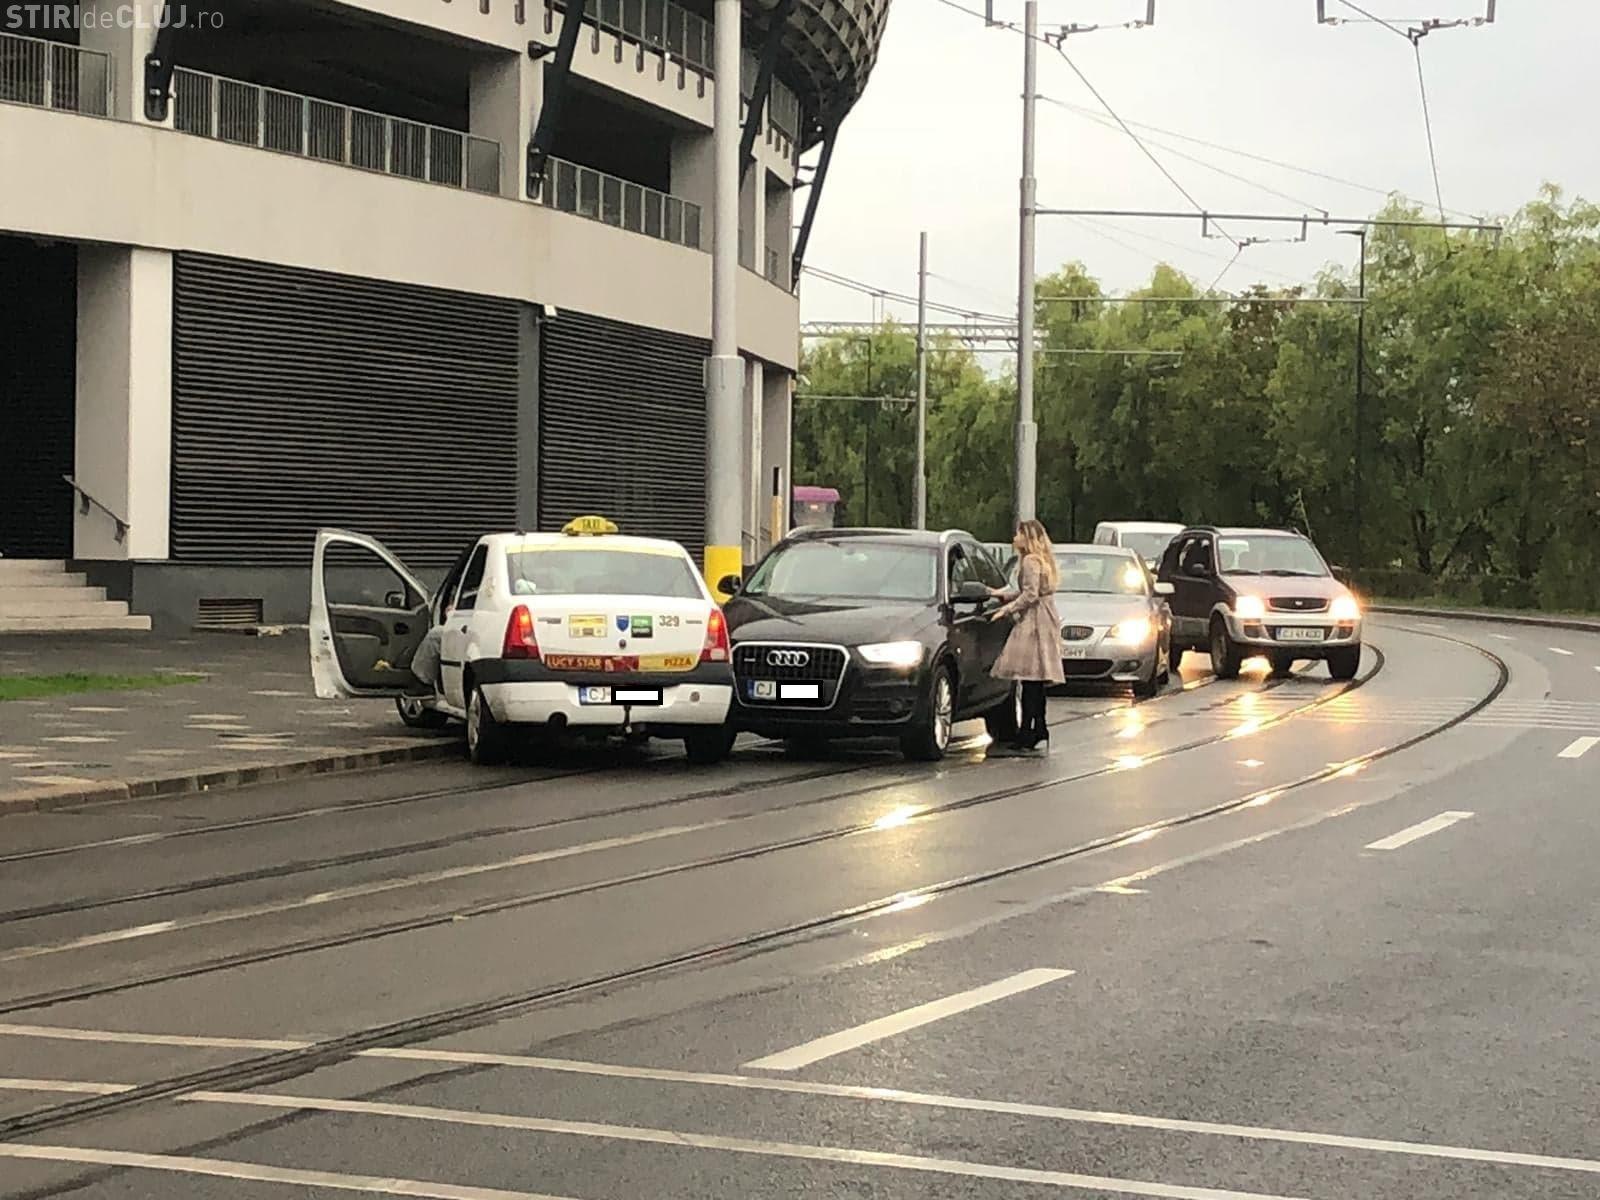 UPDATE: Trei accidente în mai puțin de două ore, pe aceeași stradă din Cluj FOTO